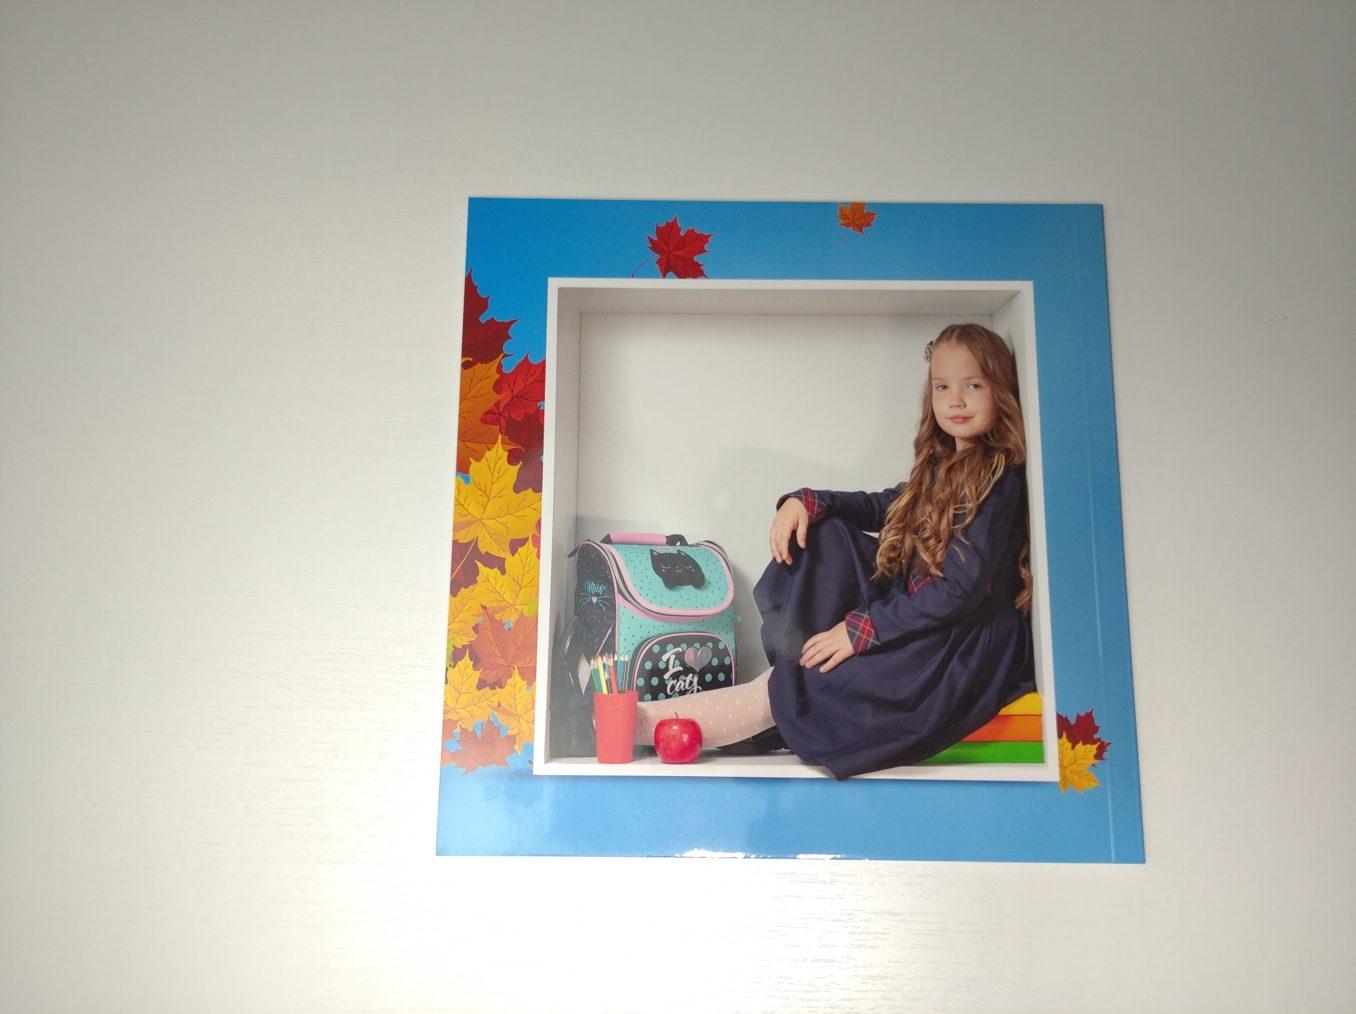 Общее фото в кубах, в виде папки-альбома